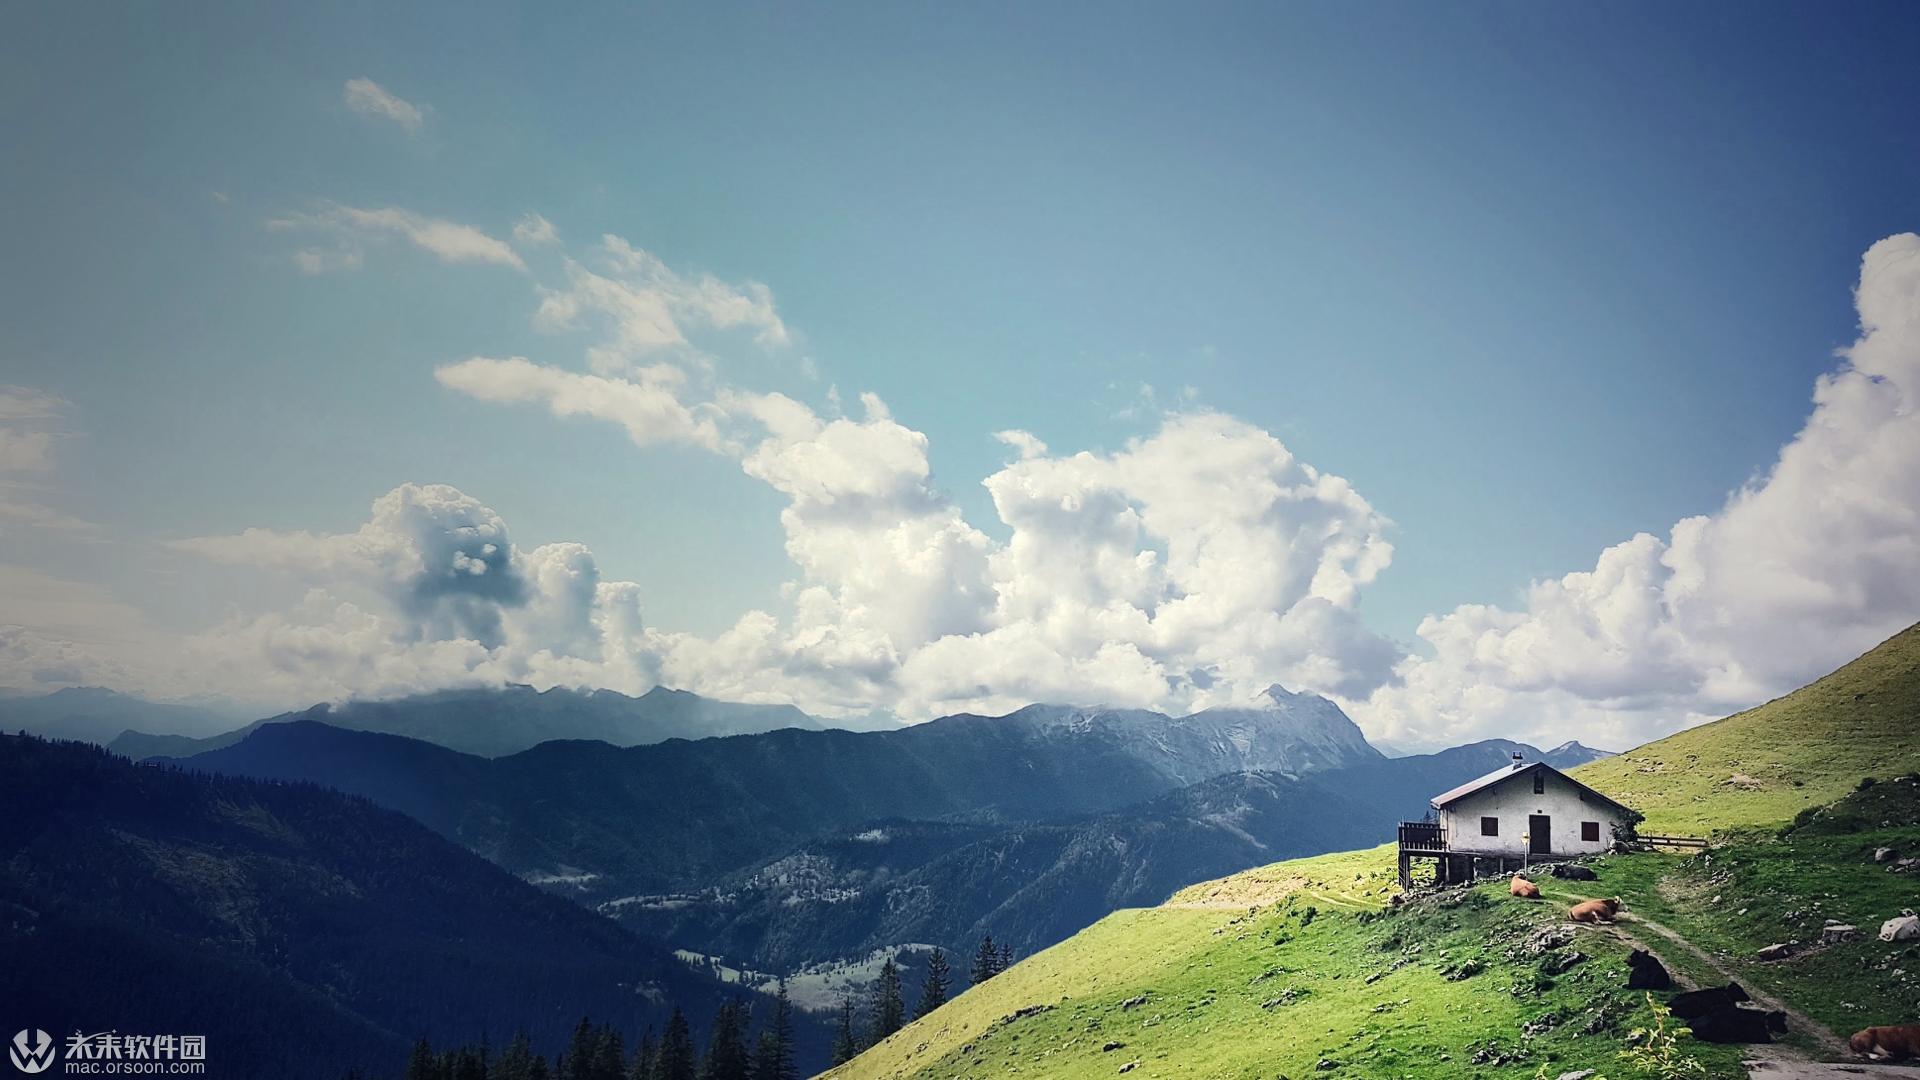 阿尔卑斯山的小屋动态壁纸